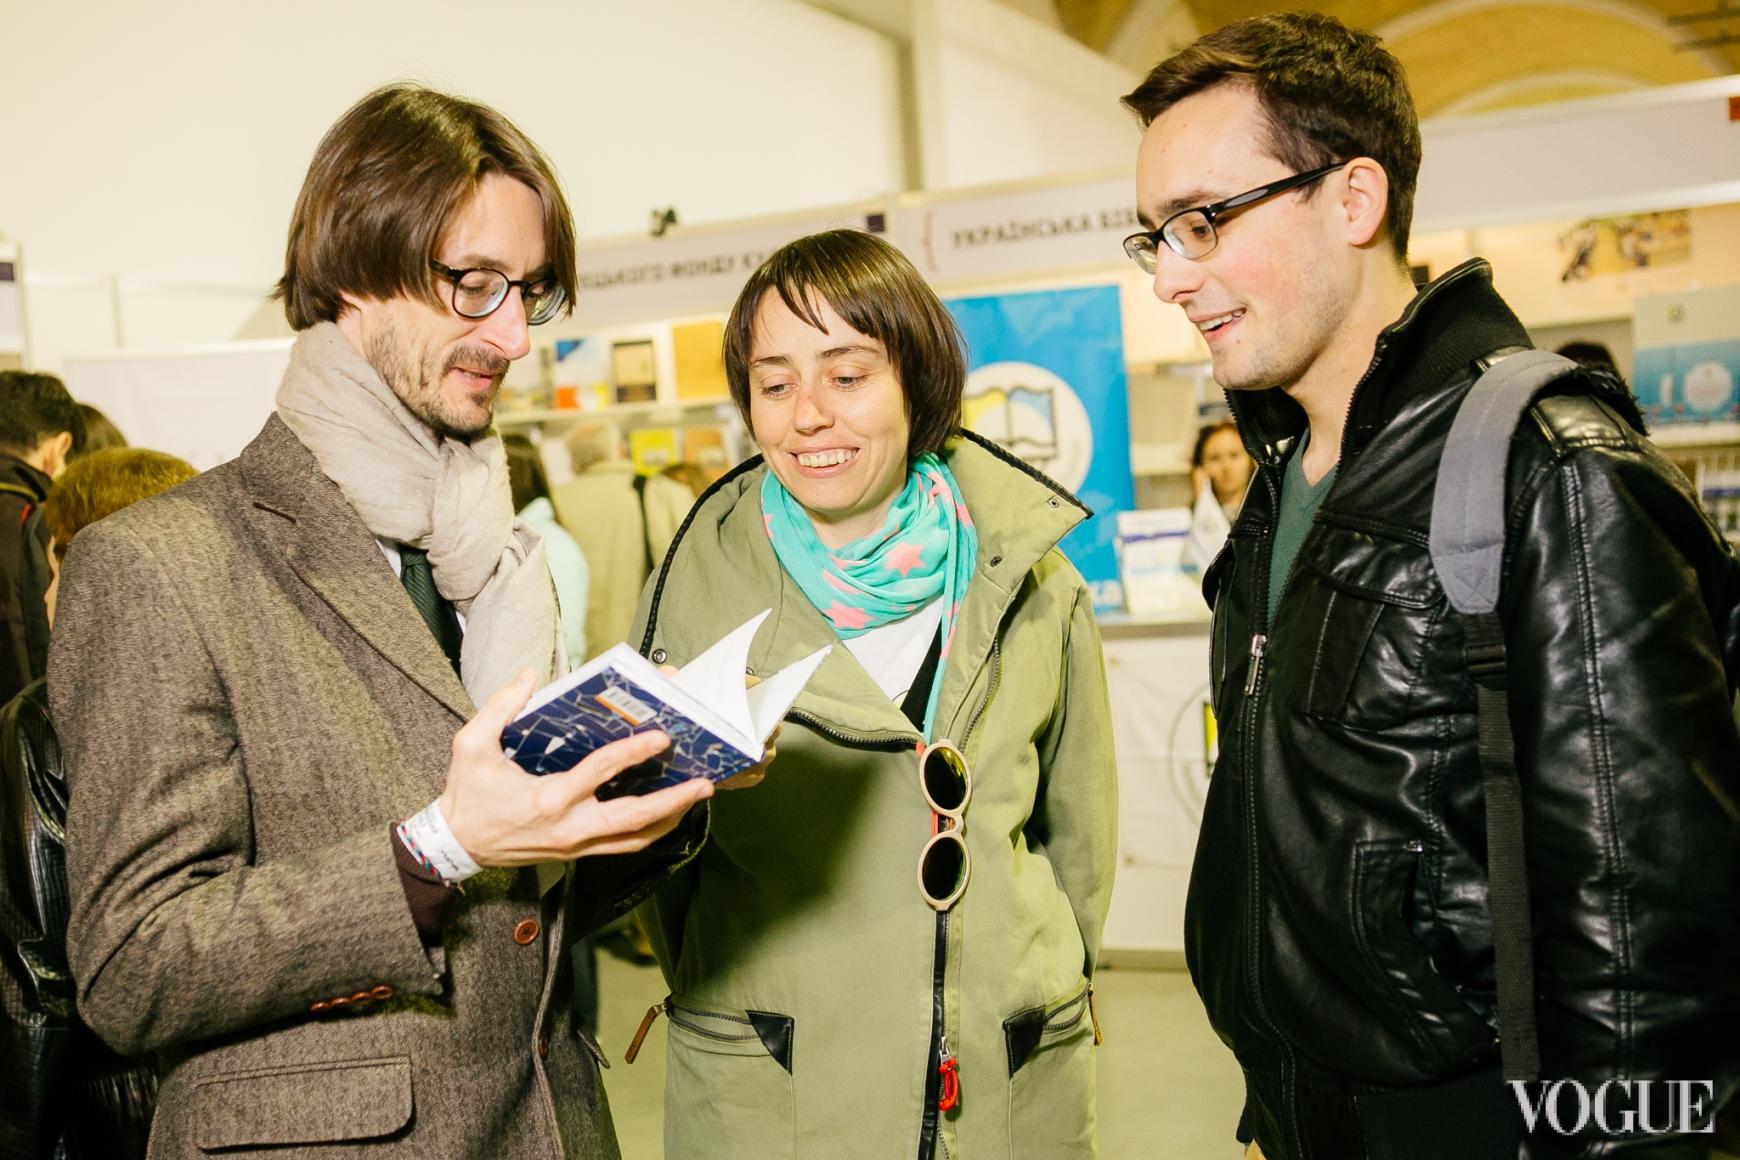 Эрик Тосатти и Жанна Кадырова